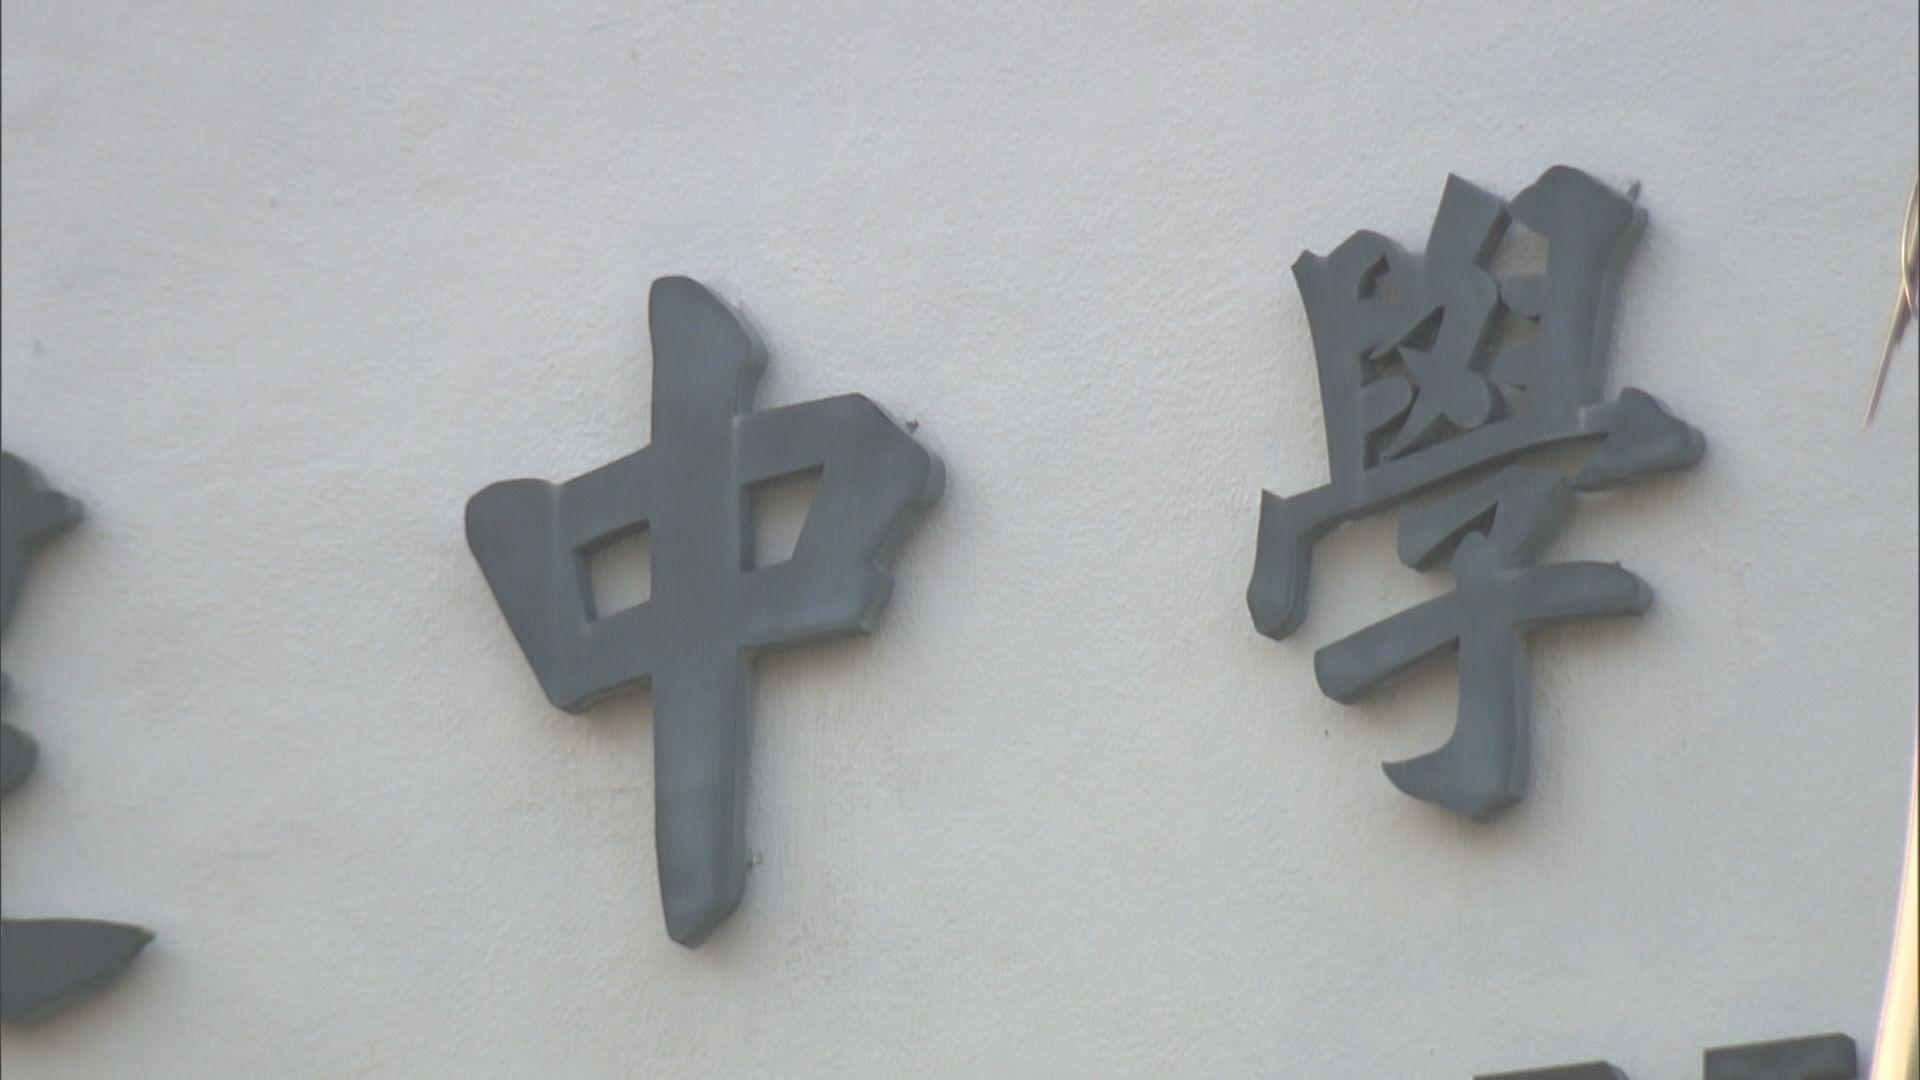 楊潤雄料下周一首間中學個別班級可全日面授課堂